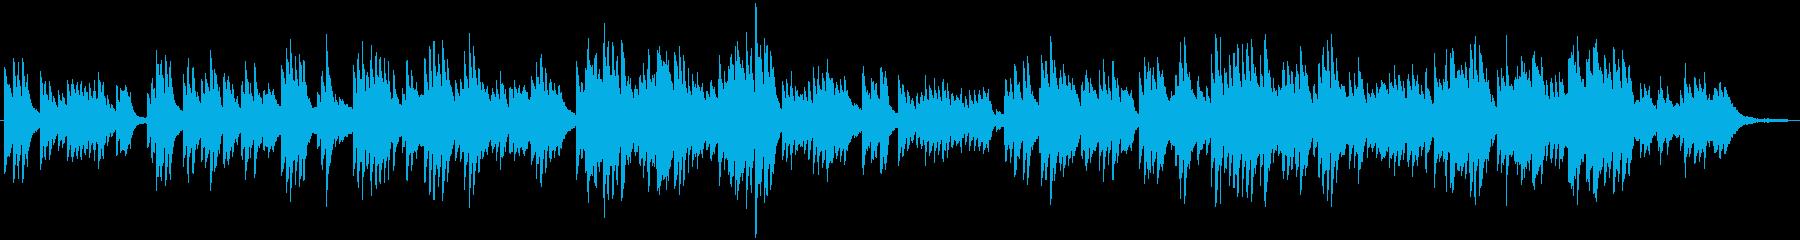 旅番組のOP風 優しいピアノソロの再生済みの波形